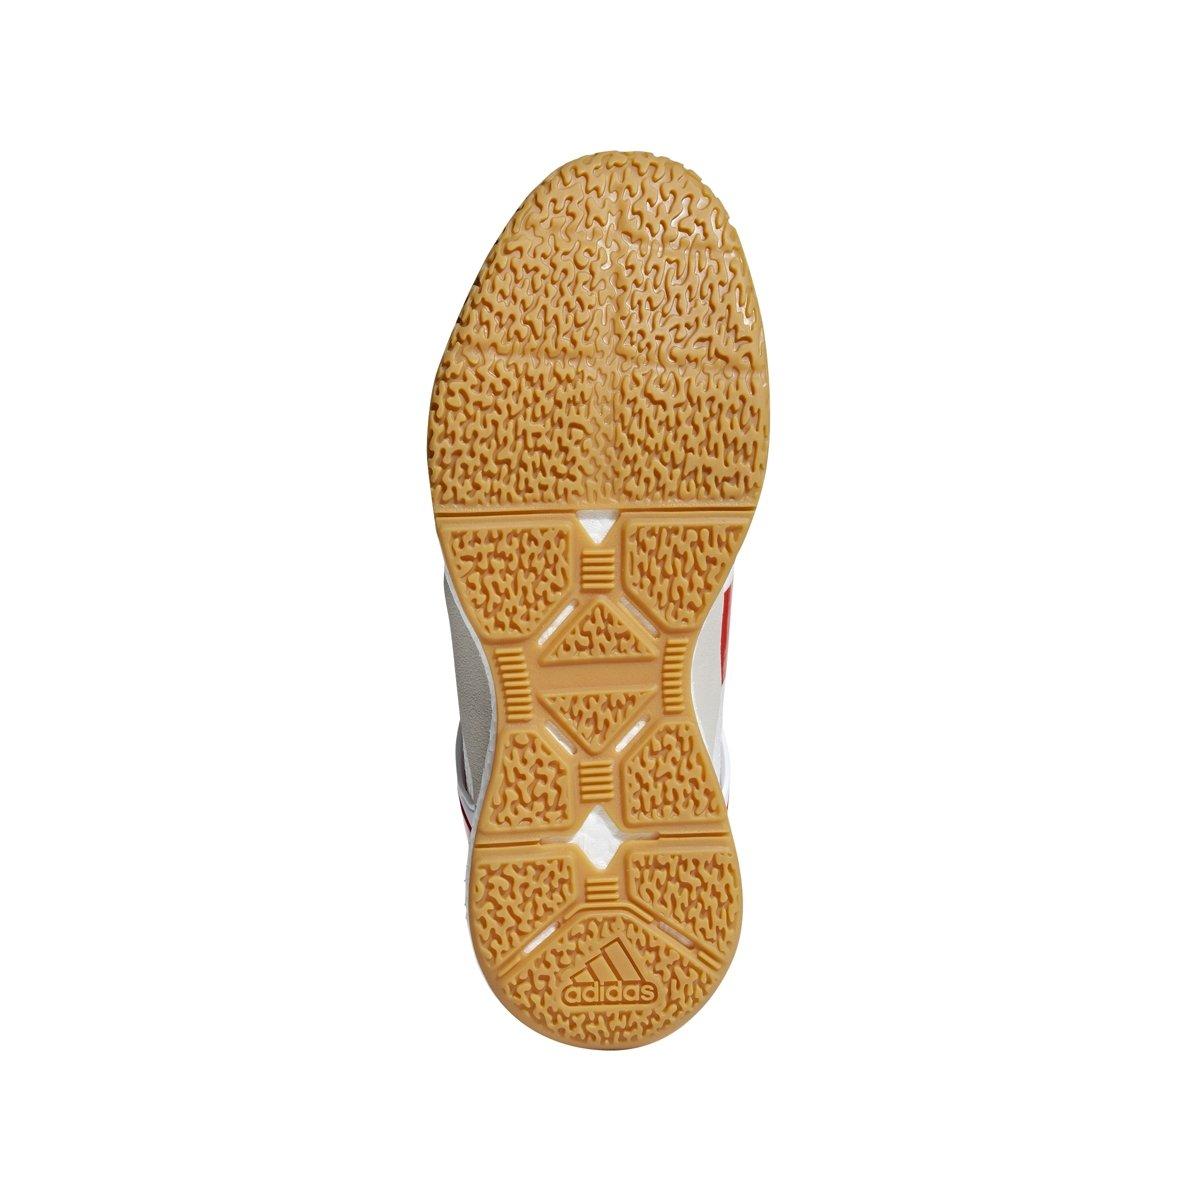 hommes / femmes est adidas stabil x masculine chaussure masculine x wear resistant fonction spéciale meilleur vendeur b04c0c